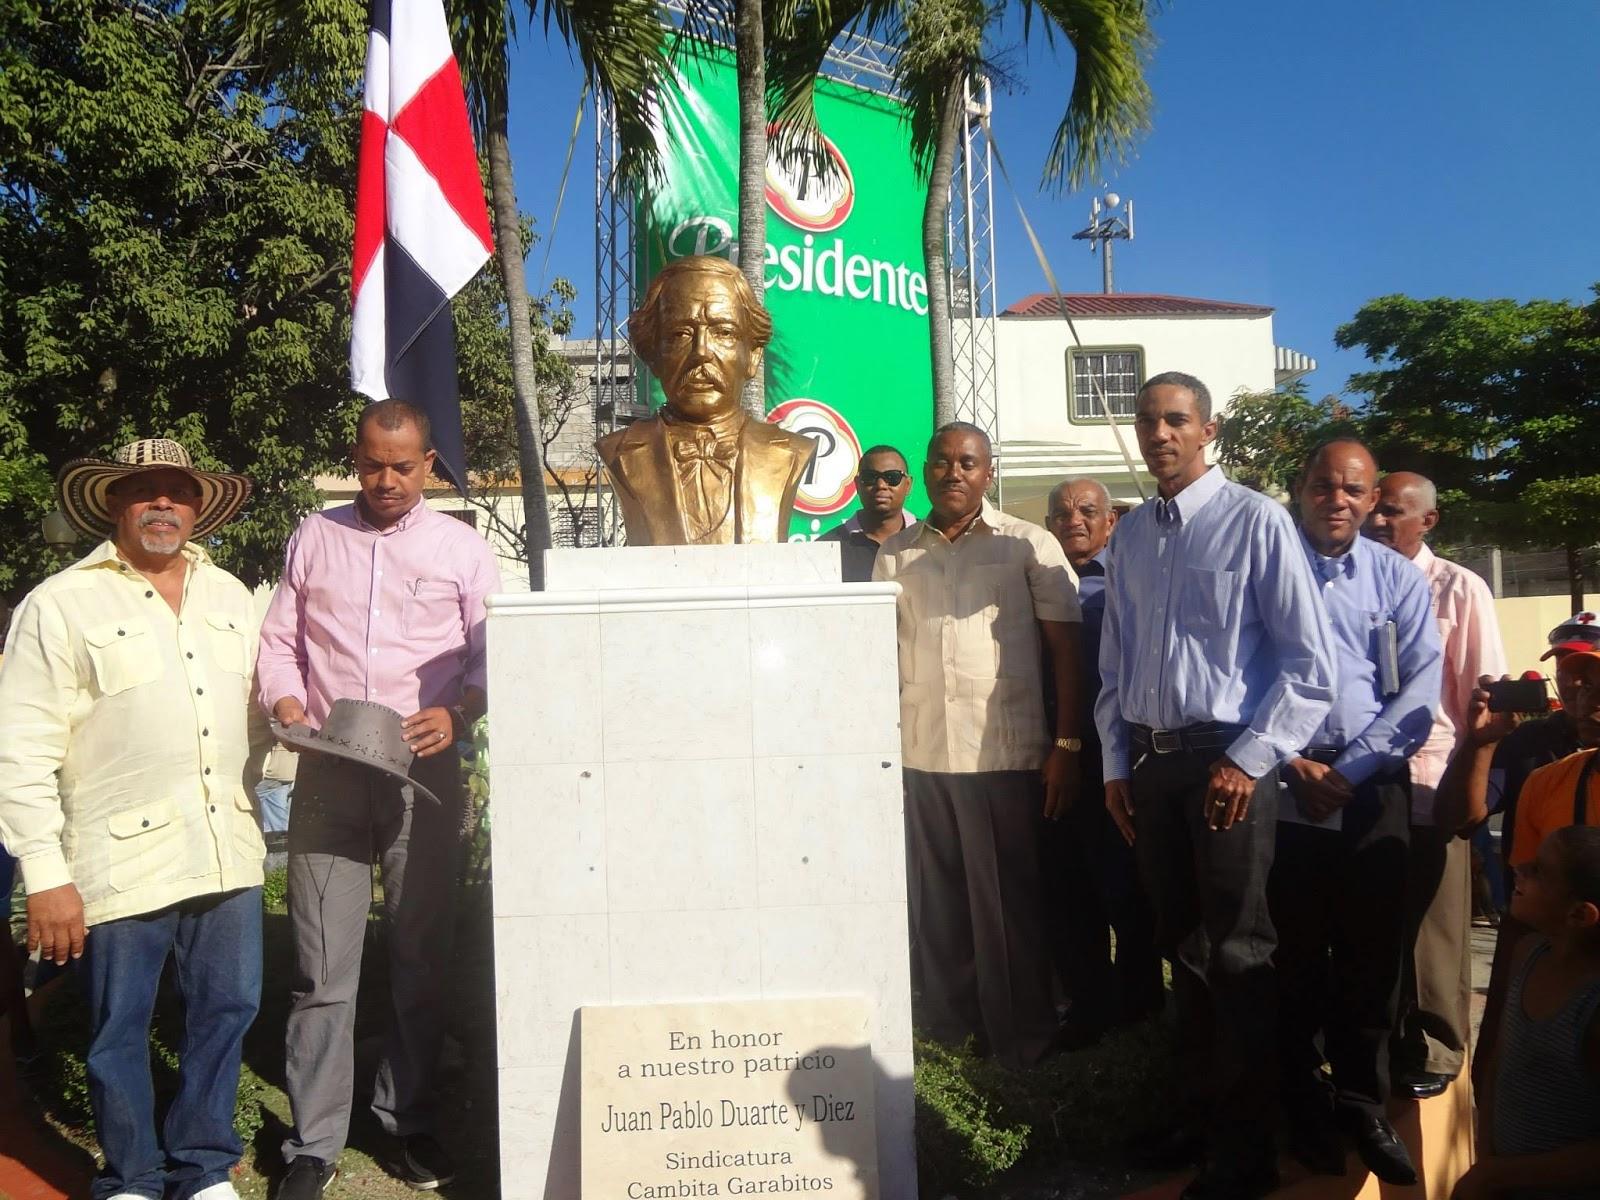 Alcaldía del municipio  de Cambita dejó inaugurado busto del patricio JPD en el 171 aniversario de la Independencia